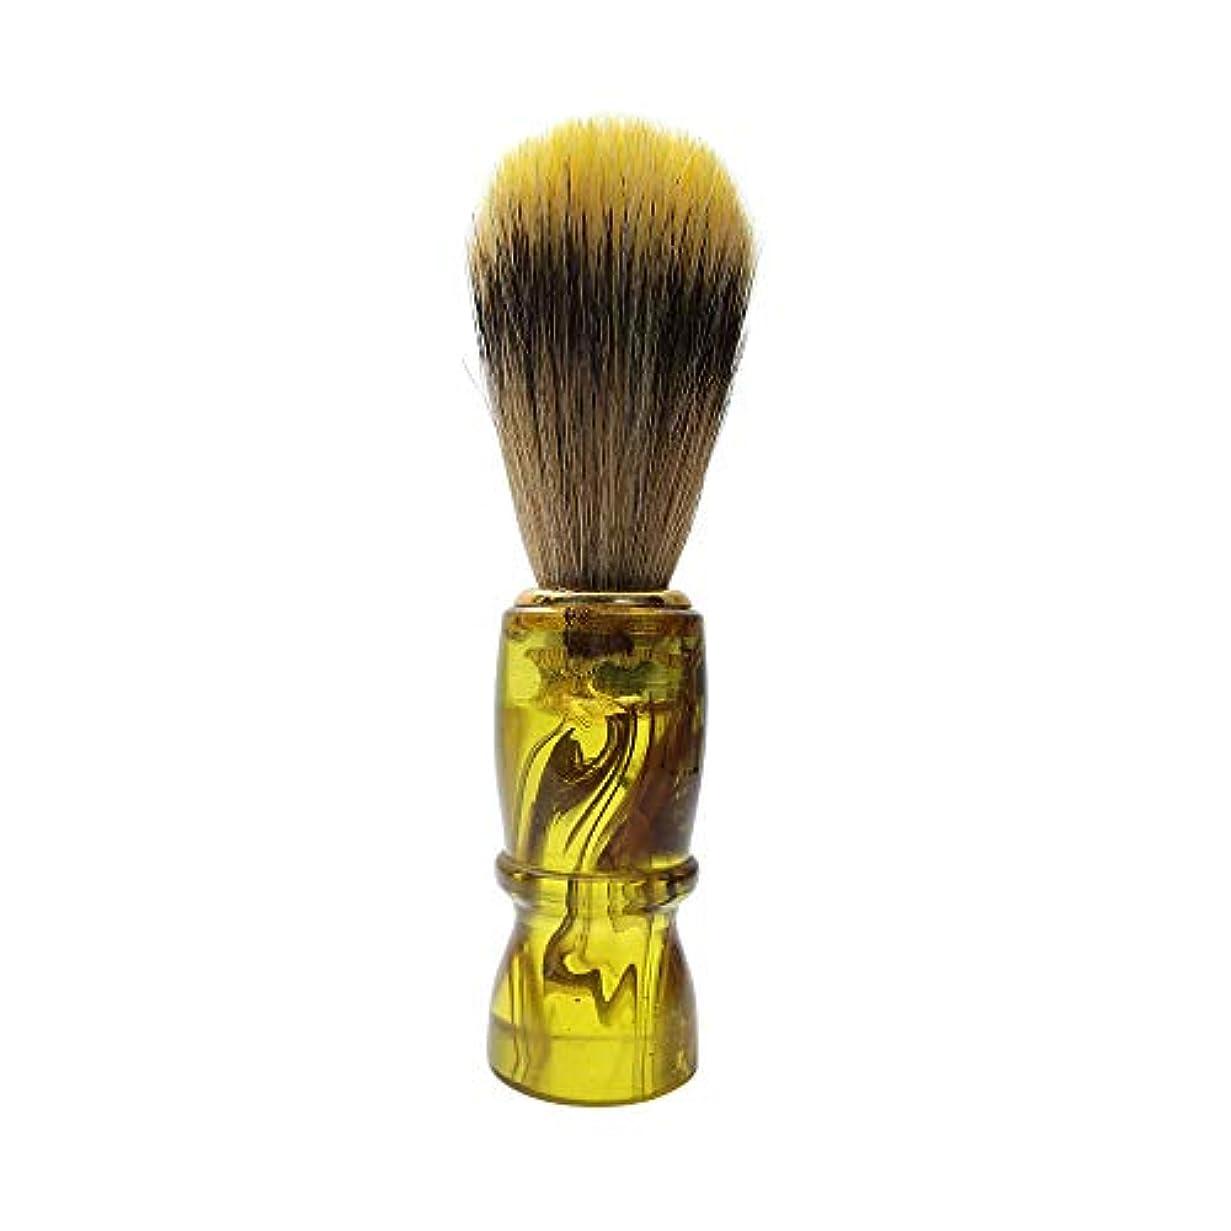 すぐに干し草エキゾチックSRS三信 ヒゲブラシ タイプA 髭剃り シェービング用ブラシ 狸毛